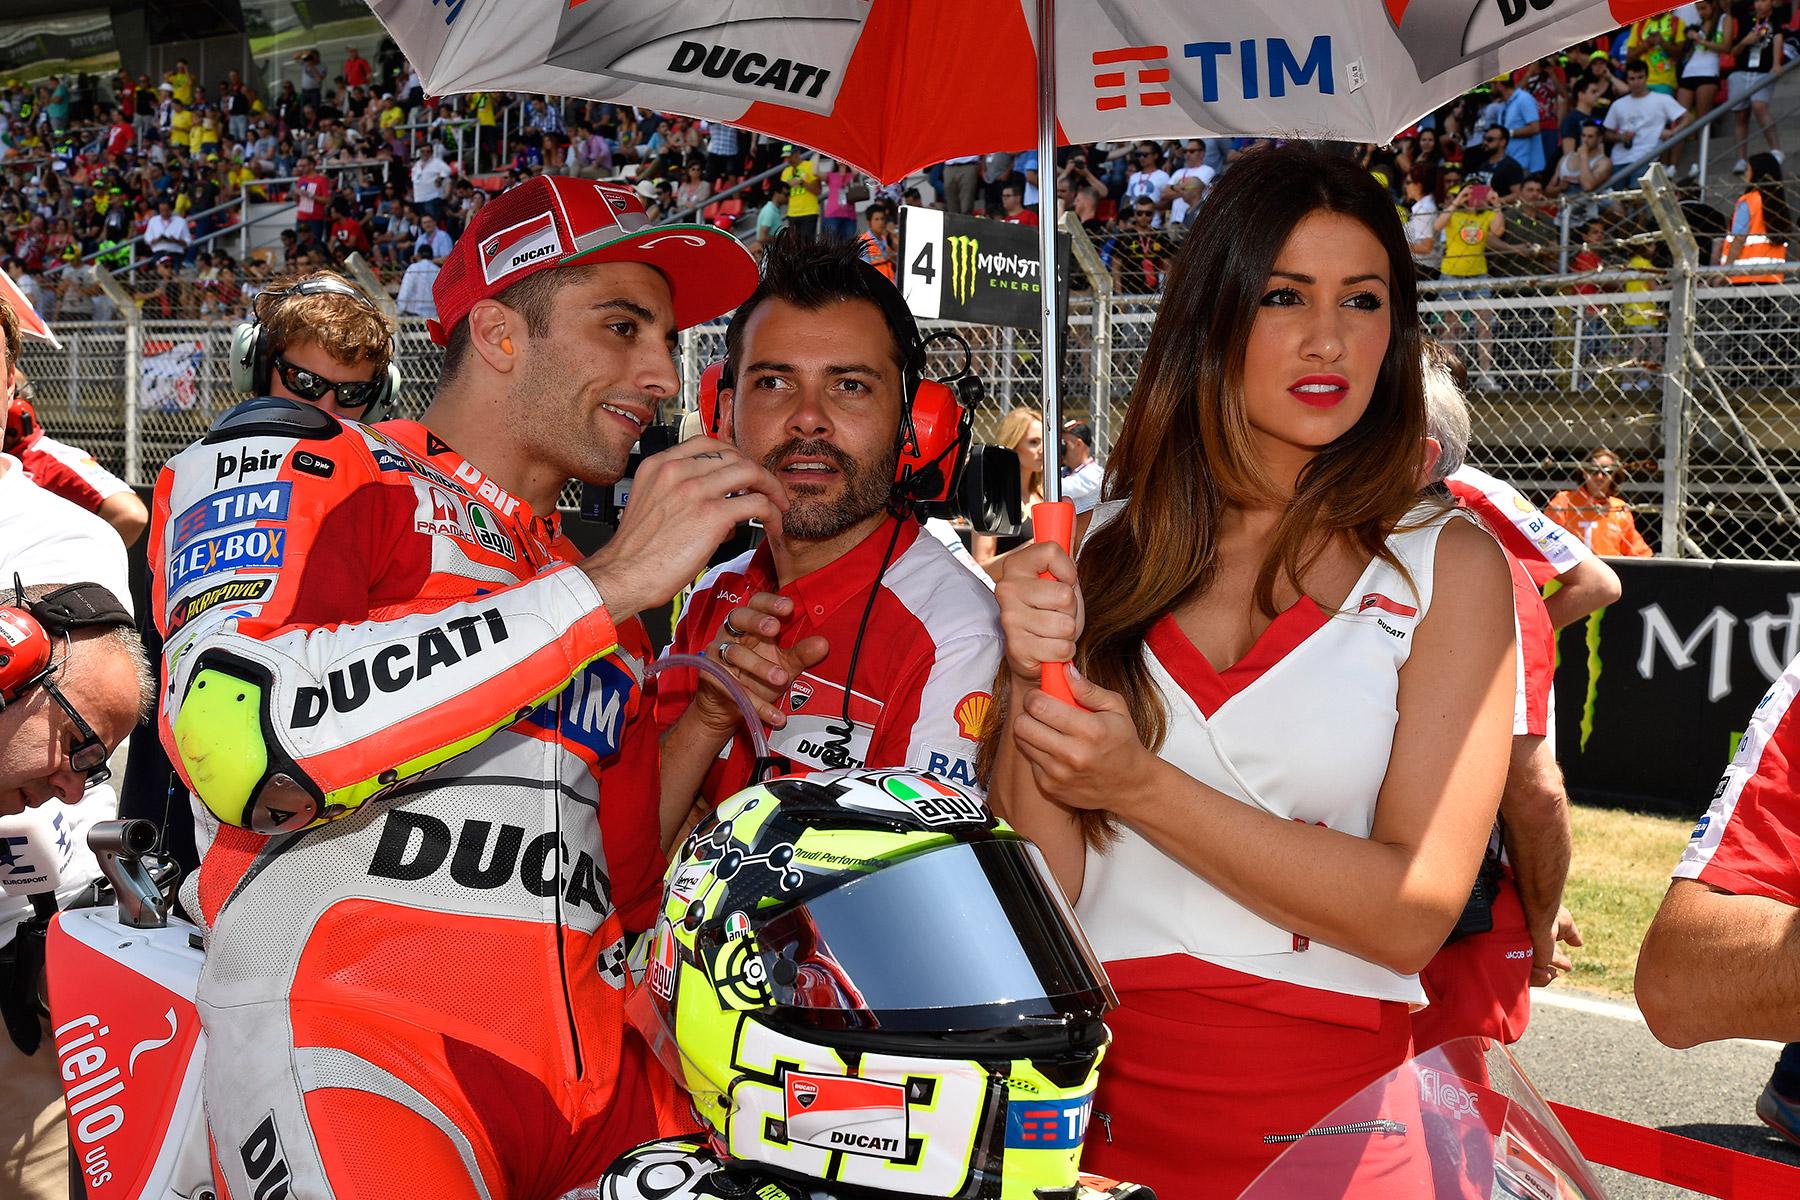 En Ducati Estan Hartos De Andrea Iannone Motos Motos Autobild Es